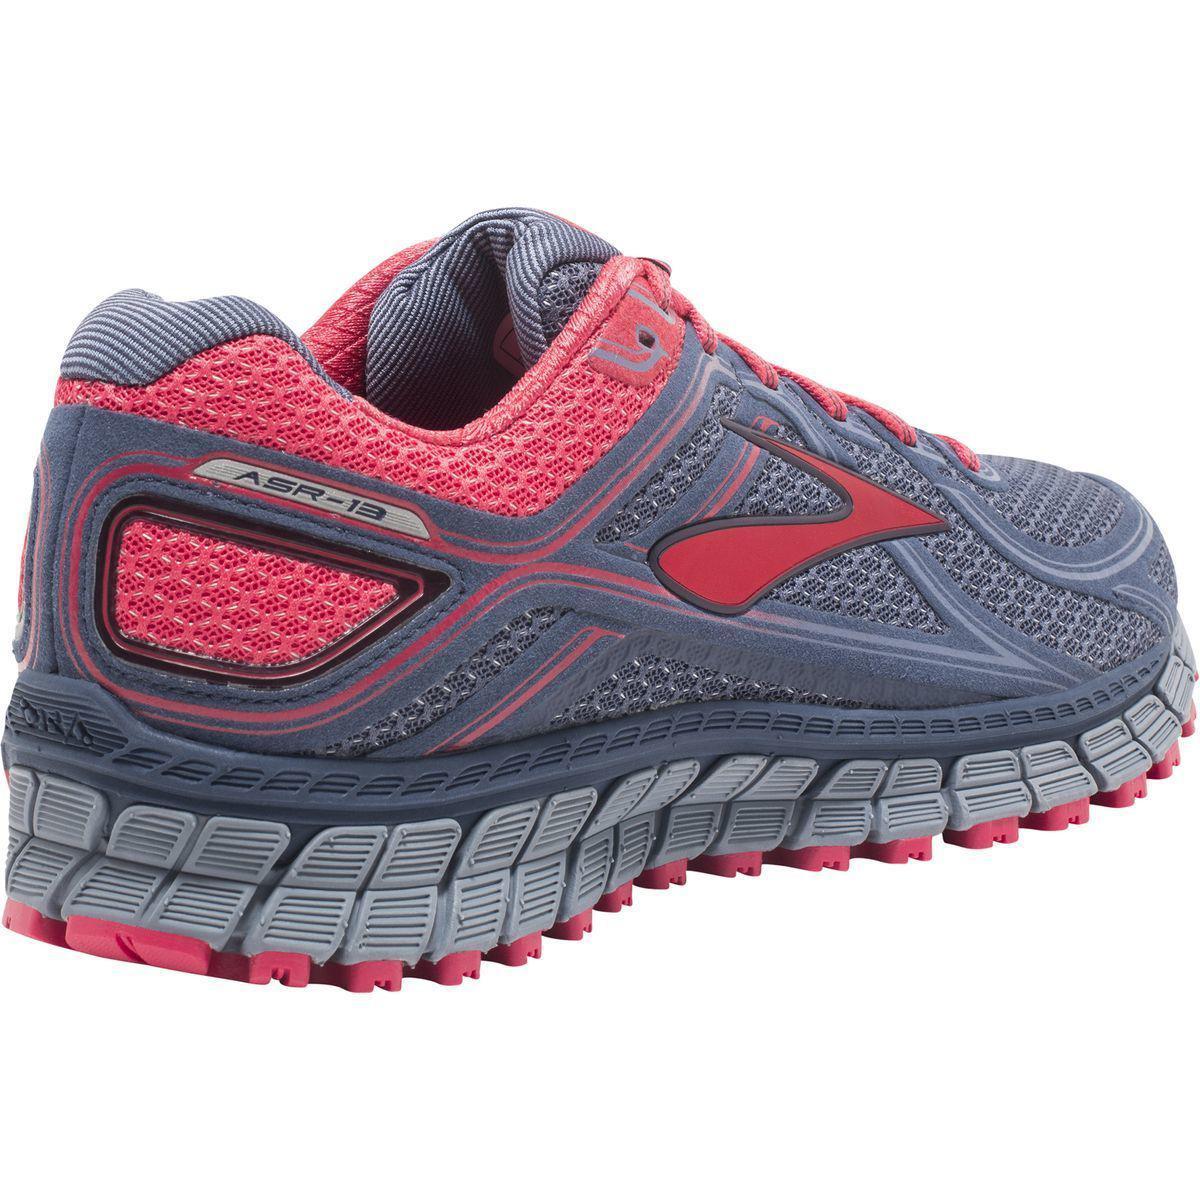 3d7b994d95af3 Lyst - Brooks Adrenaline Asr 13 Trail Running Shoe in Blue